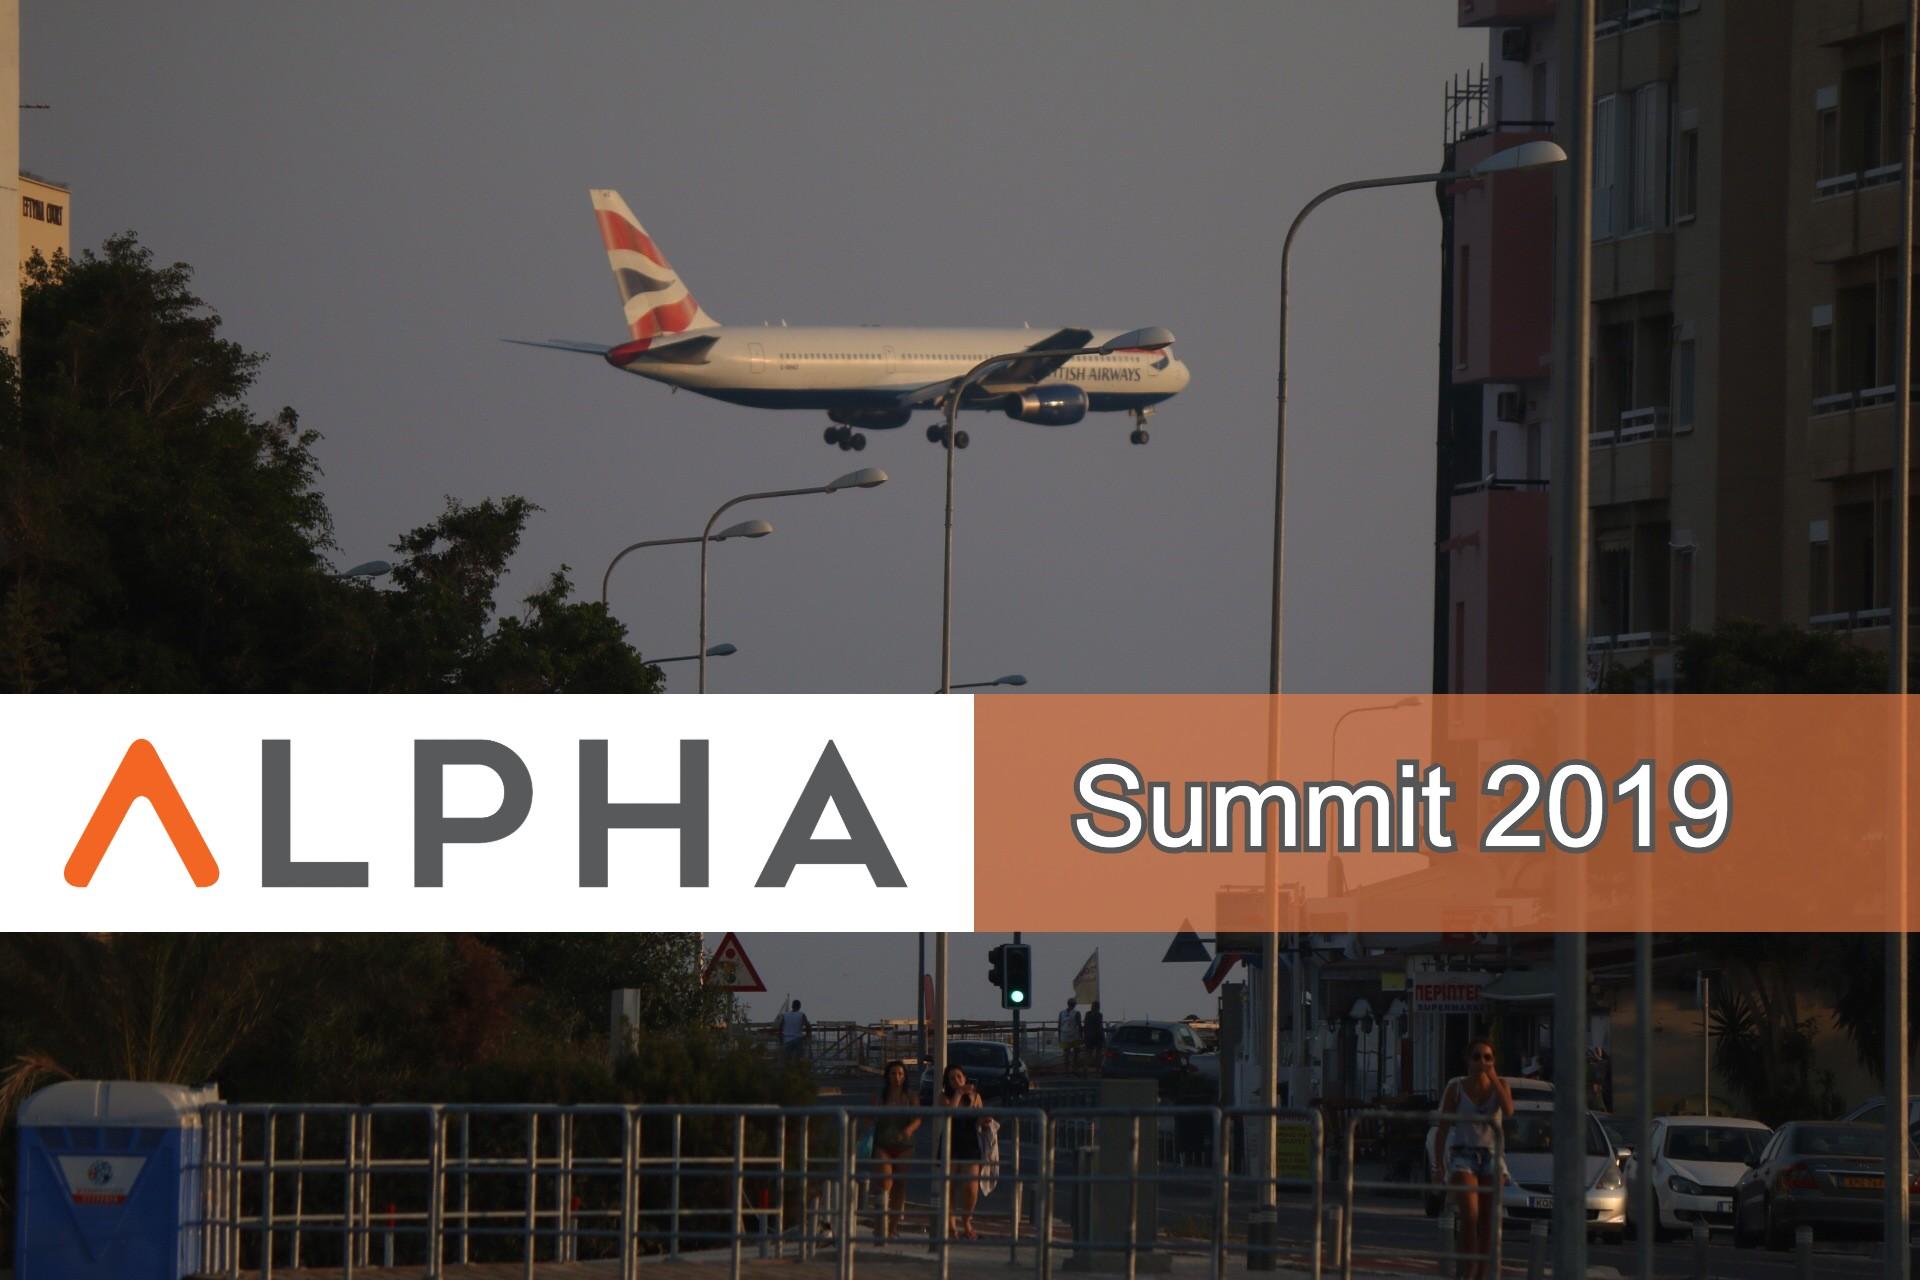 AlphaOTT Summit 2019